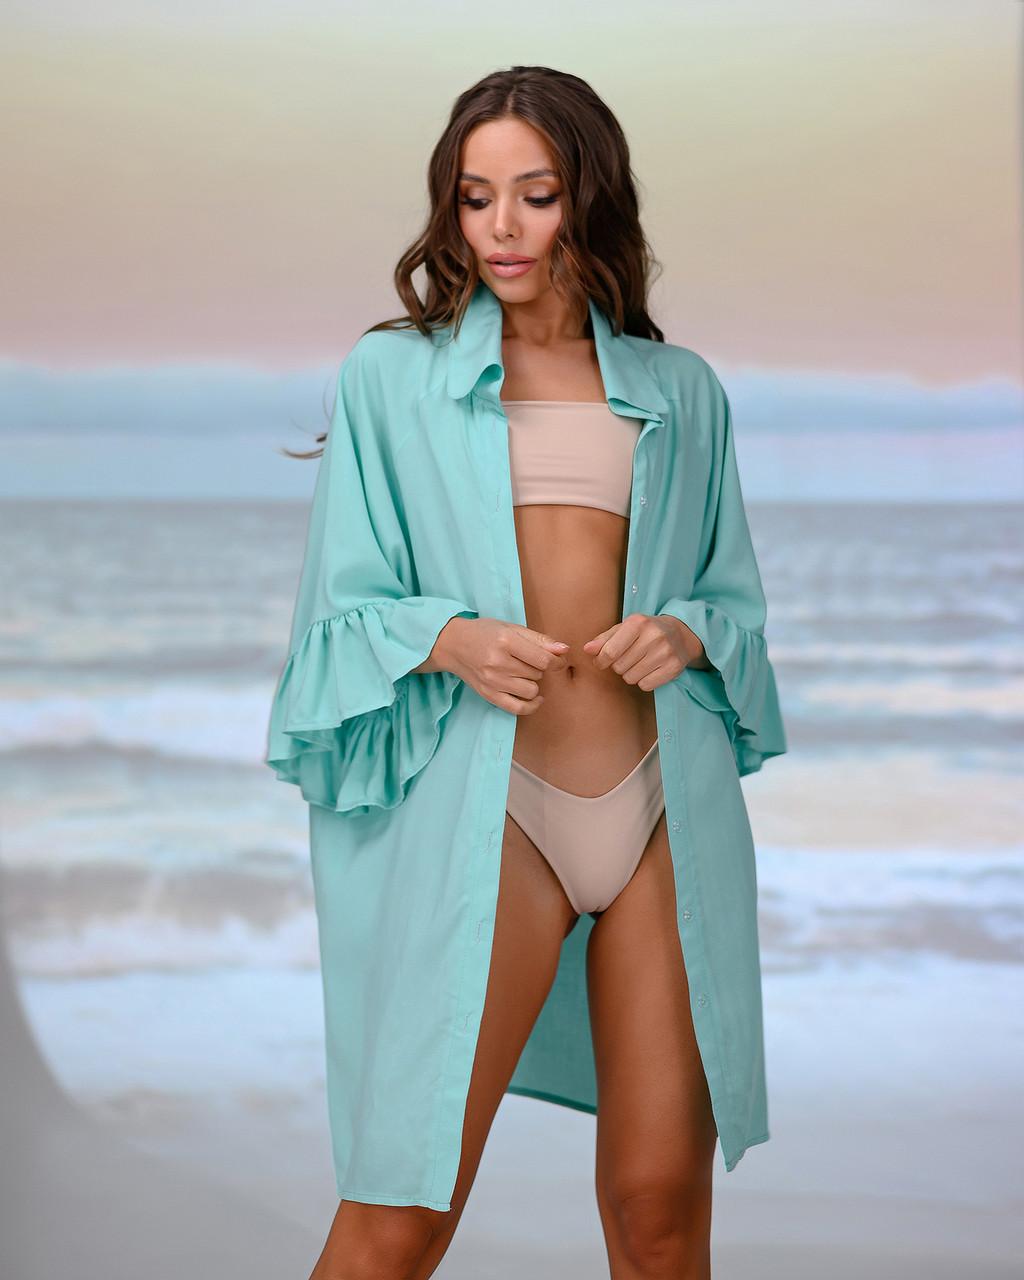 Коротка пляжна туніка-сорочка. Колір м'ята. Розмір 42-44